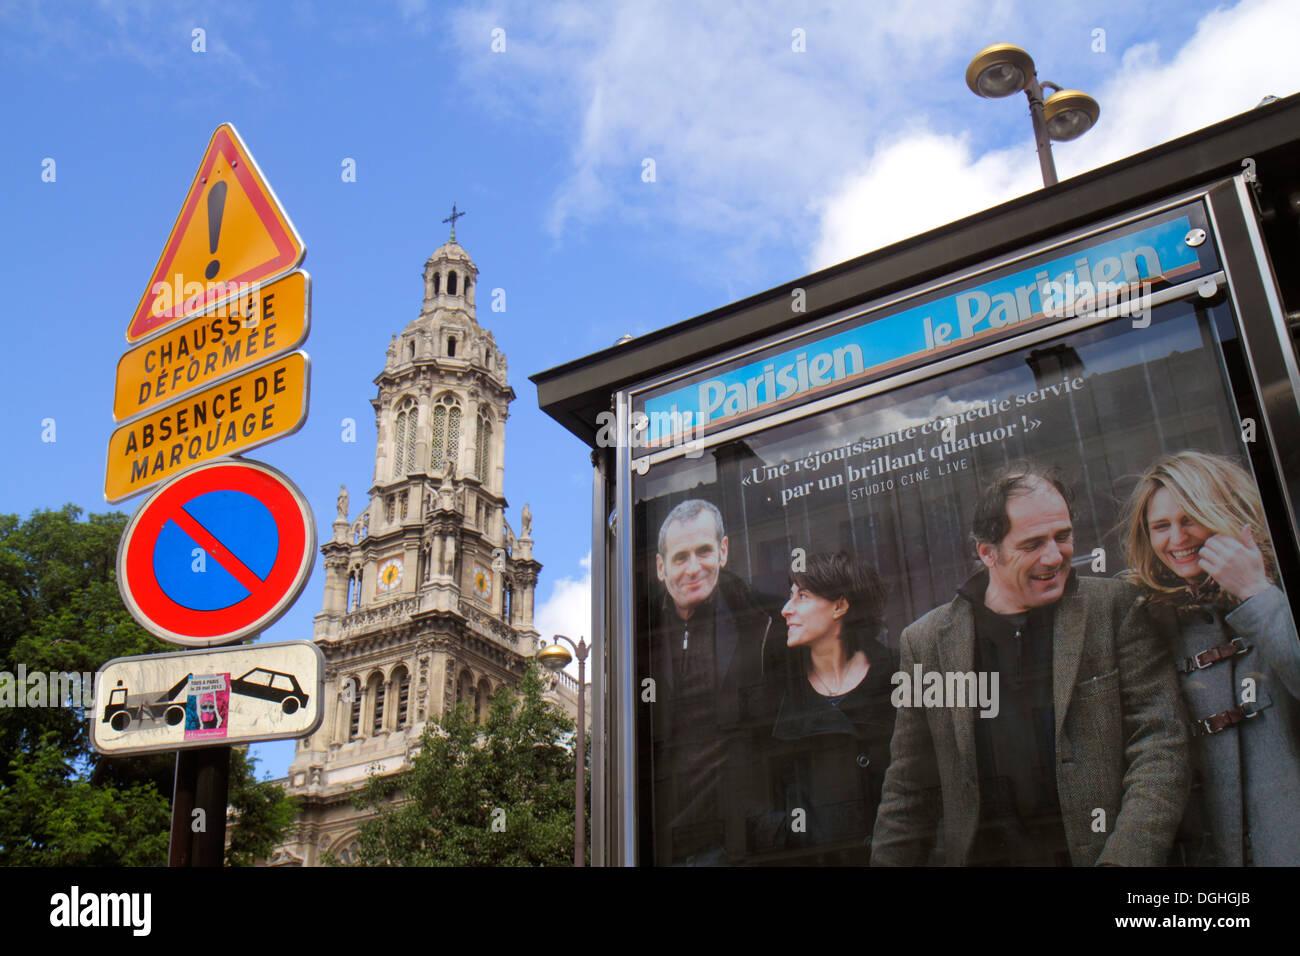 Paris France Europe French 9th arrondissement Place d'Estienne d'Orves Église de la Sainte Trinité church billboard advertisemen - Stock Image